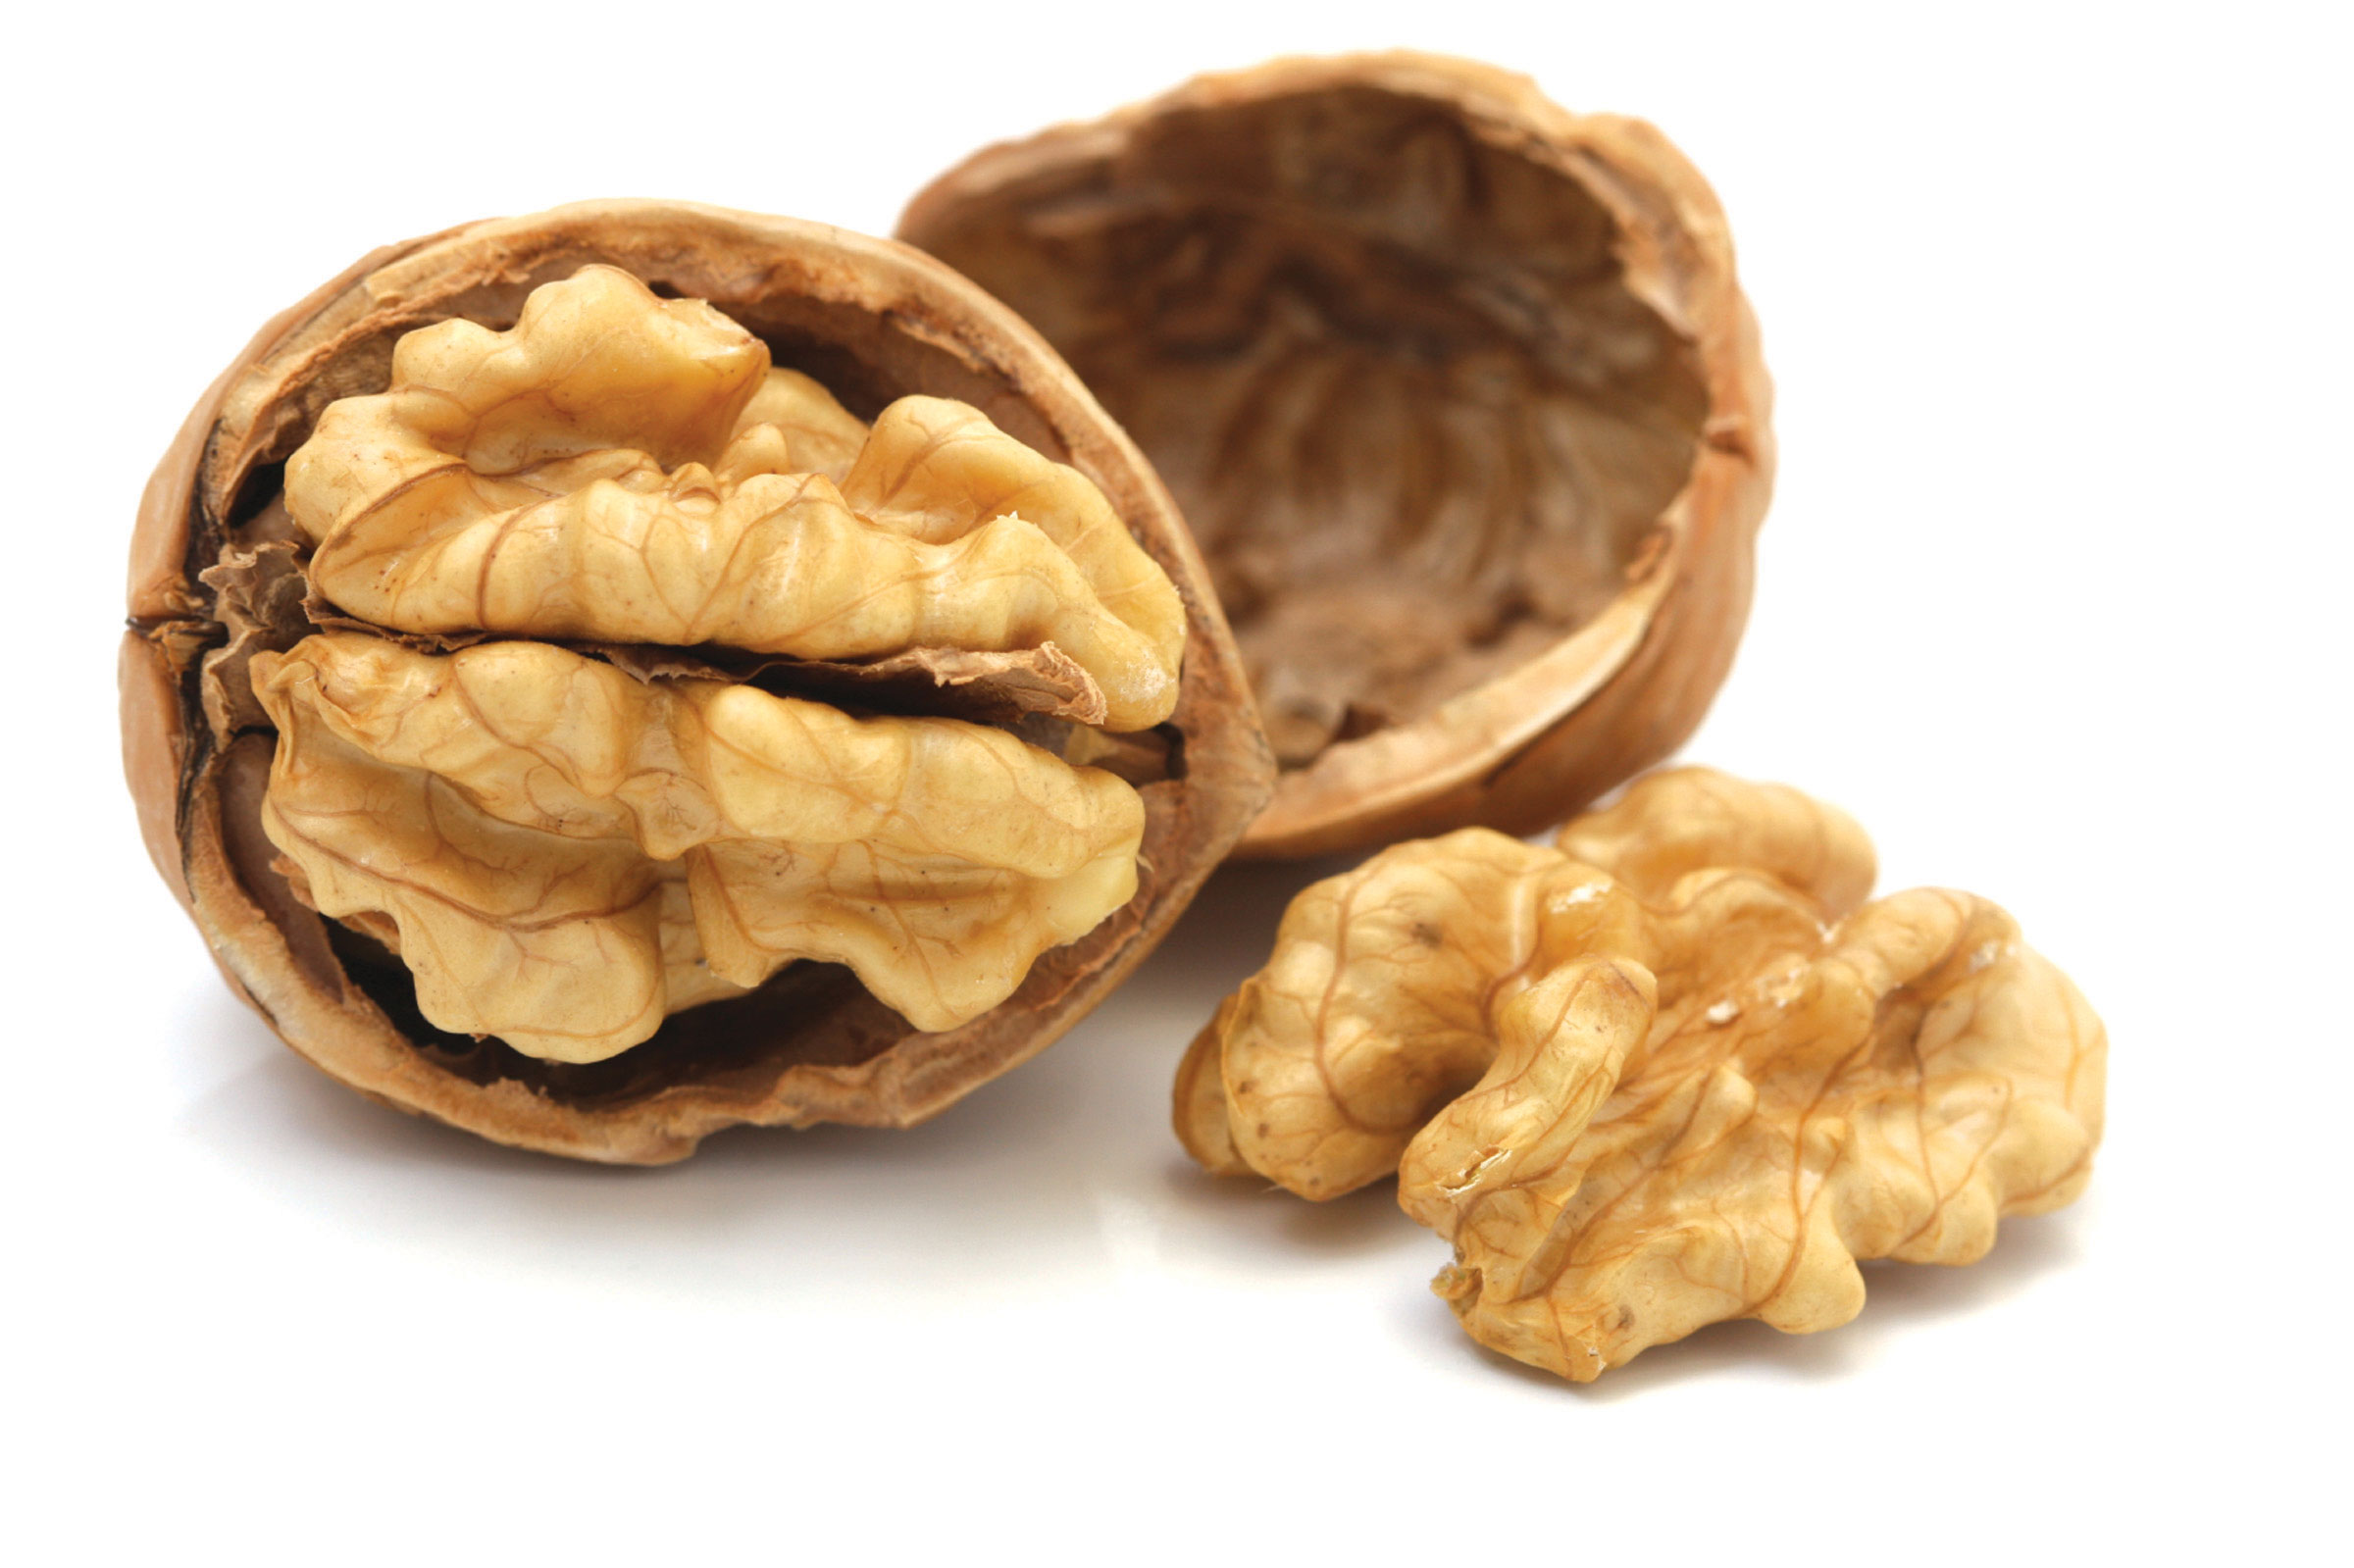 Pravidelná konzumace vlašských ořechů snižuje riziko úmrtí na srdeční choroby nebo rakovinu až o 50%